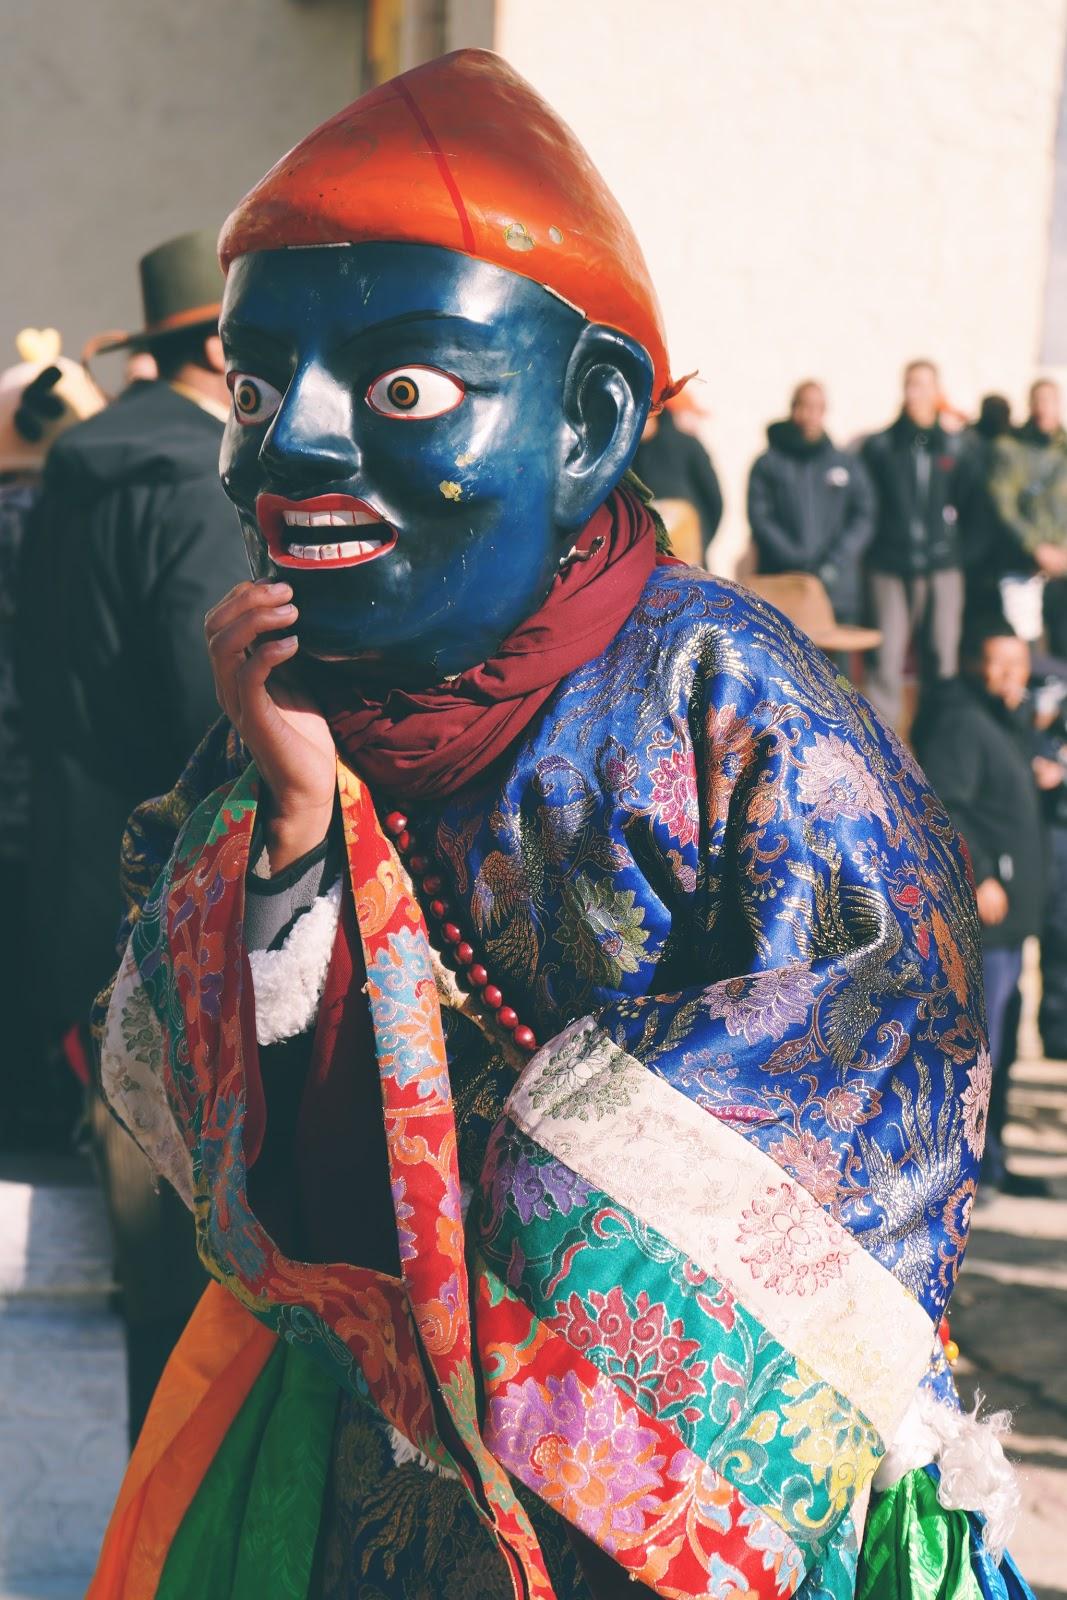 Diajak Biksu ke Rumahnya di Songzanlin Monastery, Diapain ya Kita?